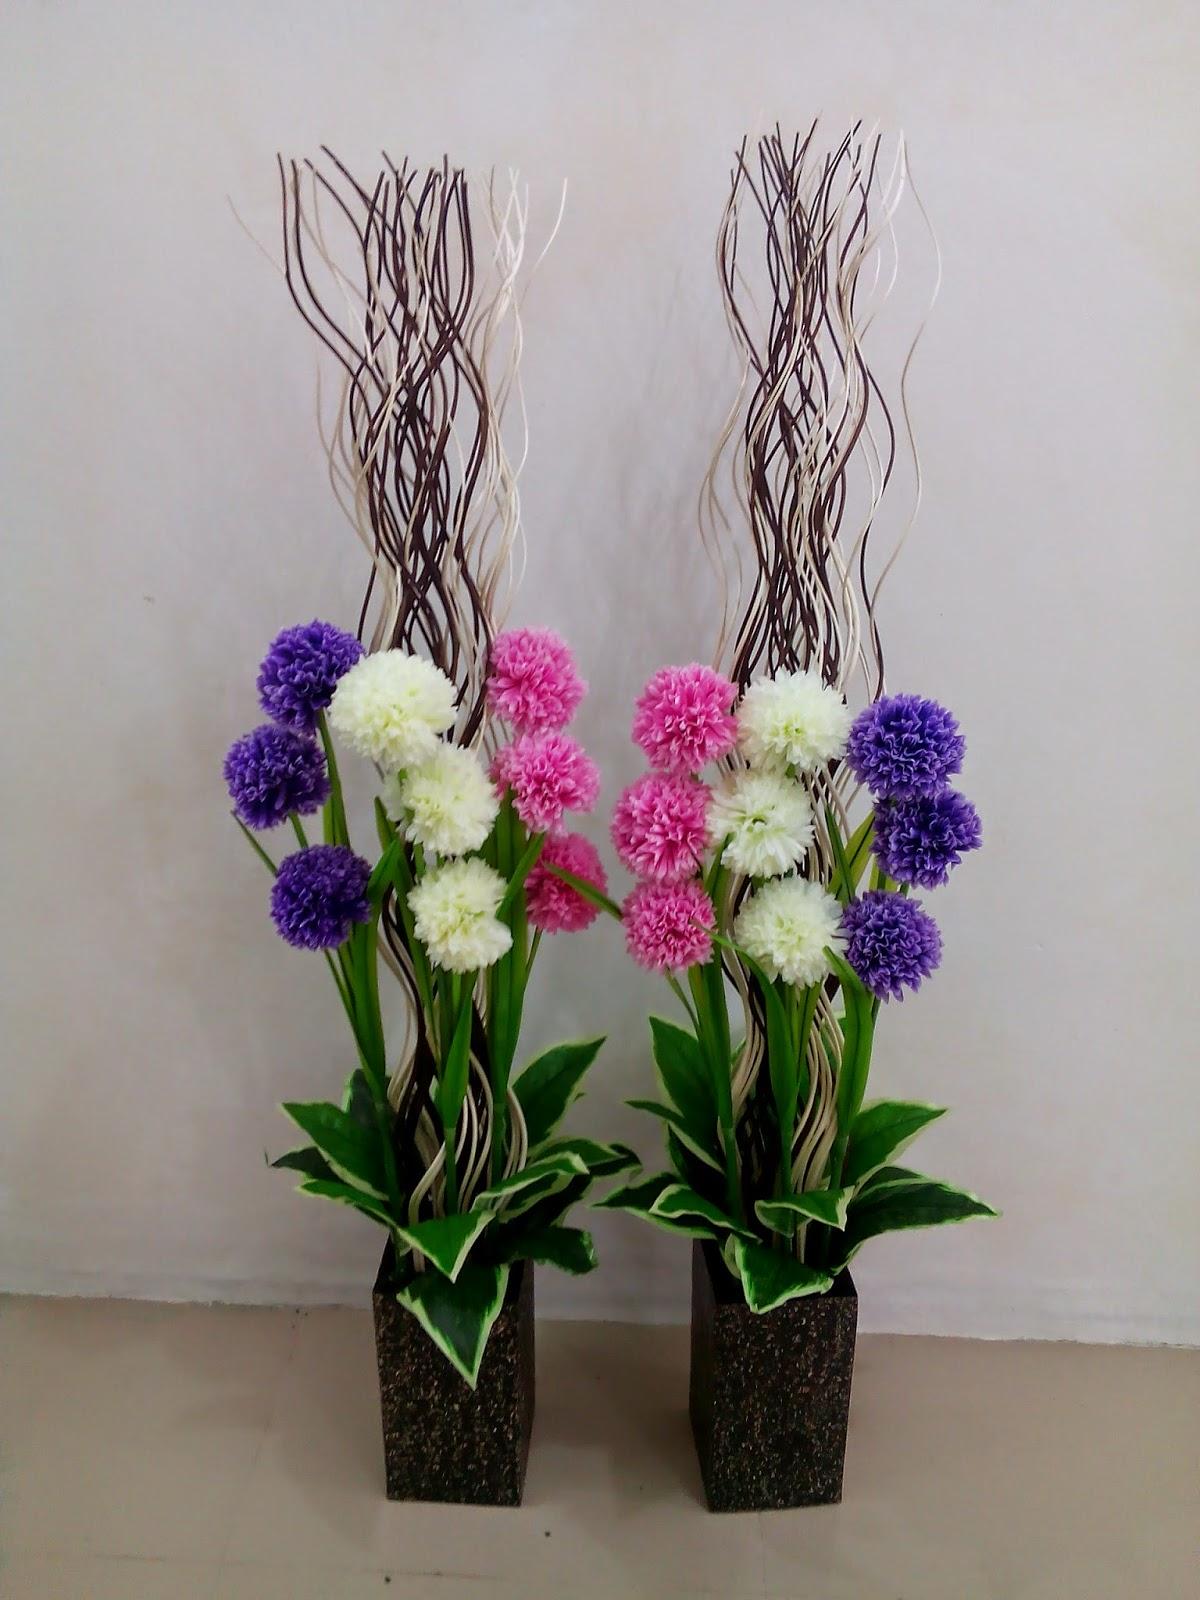 Hiasan Pasu Bunga Di Ruang Tamu  Desainrumahidcom